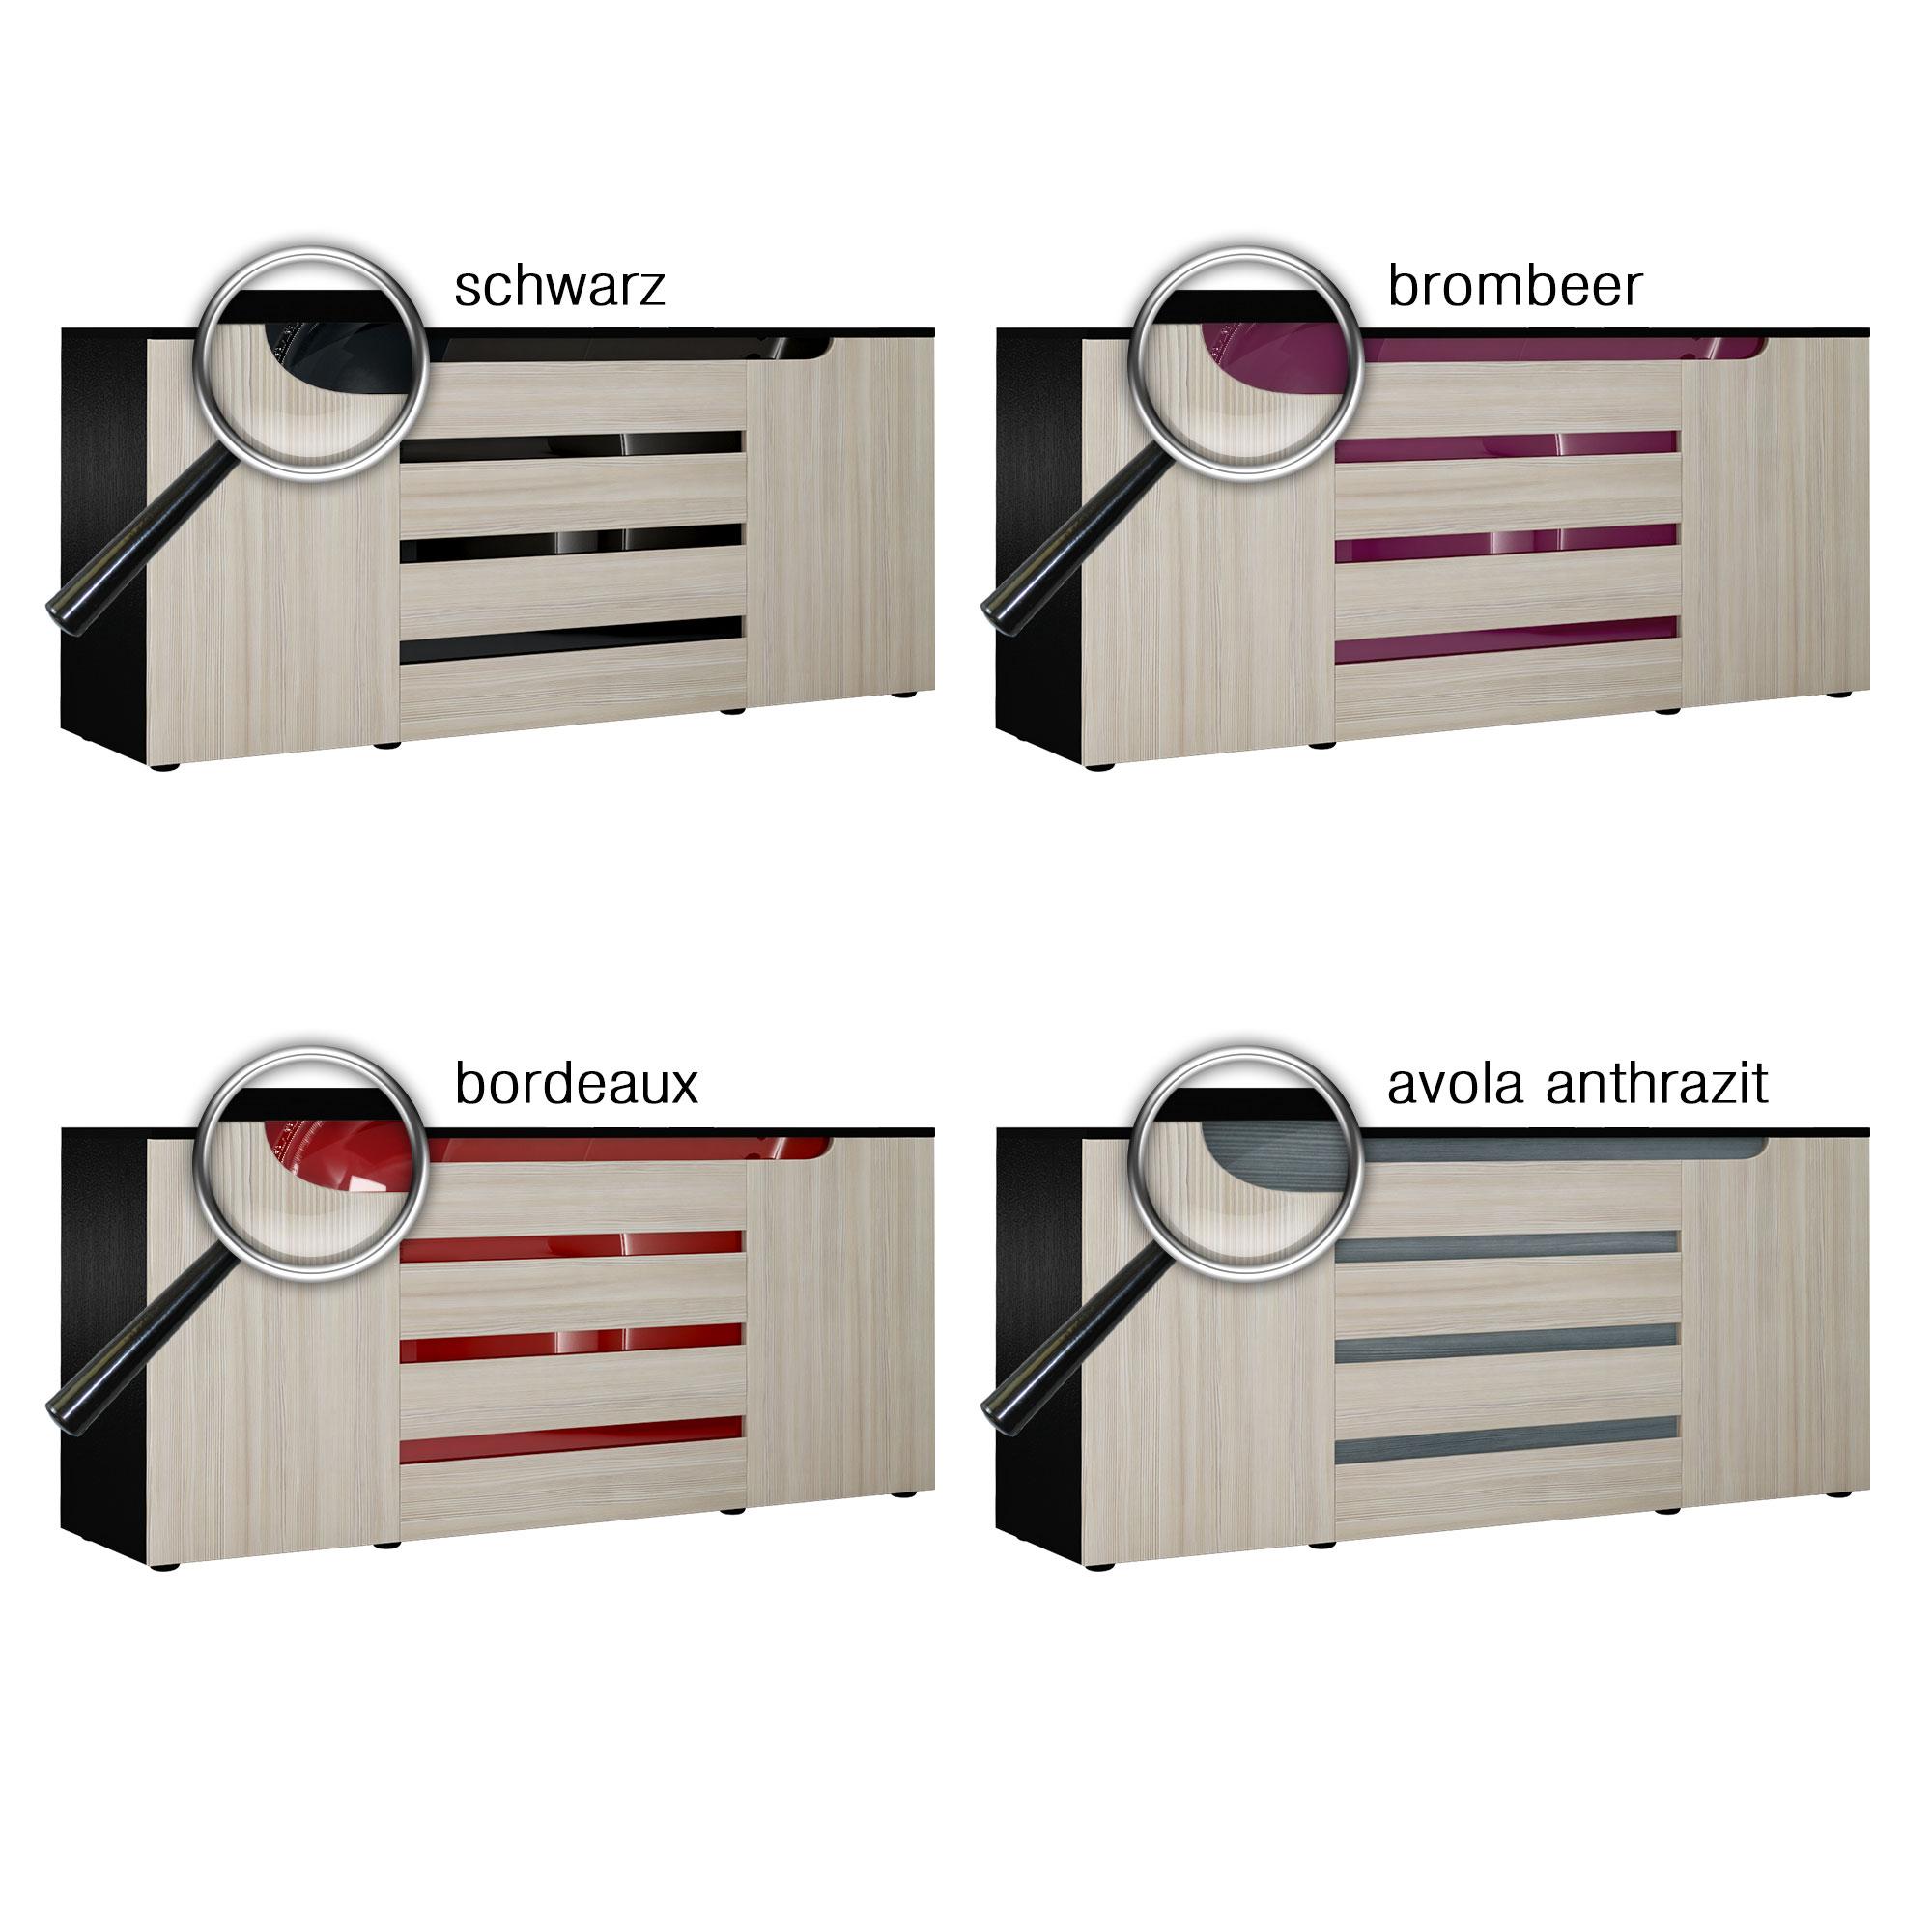 sideboard kommode sylt v2 166 cm 2 t ren 4 sk schwarz matt. Black Bedroom Furniture Sets. Home Design Ideas